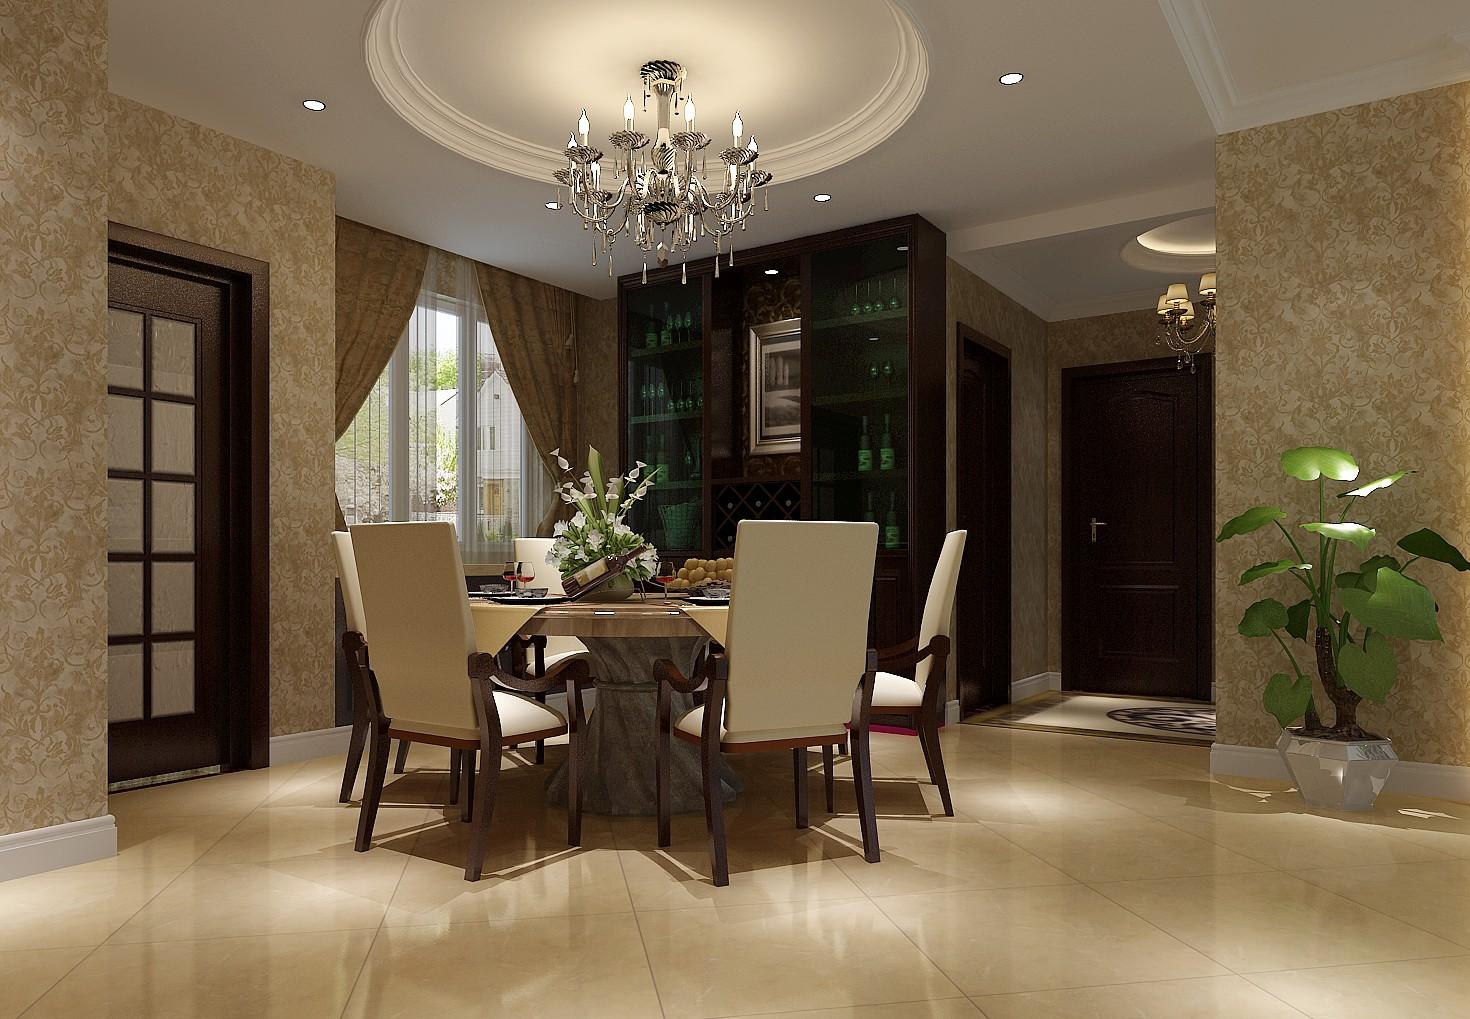 休闲 大气 美式家具 迥然不同 餐厅图片来自高度国际装饰刘玉在素雅整洁的休闲家居的分享